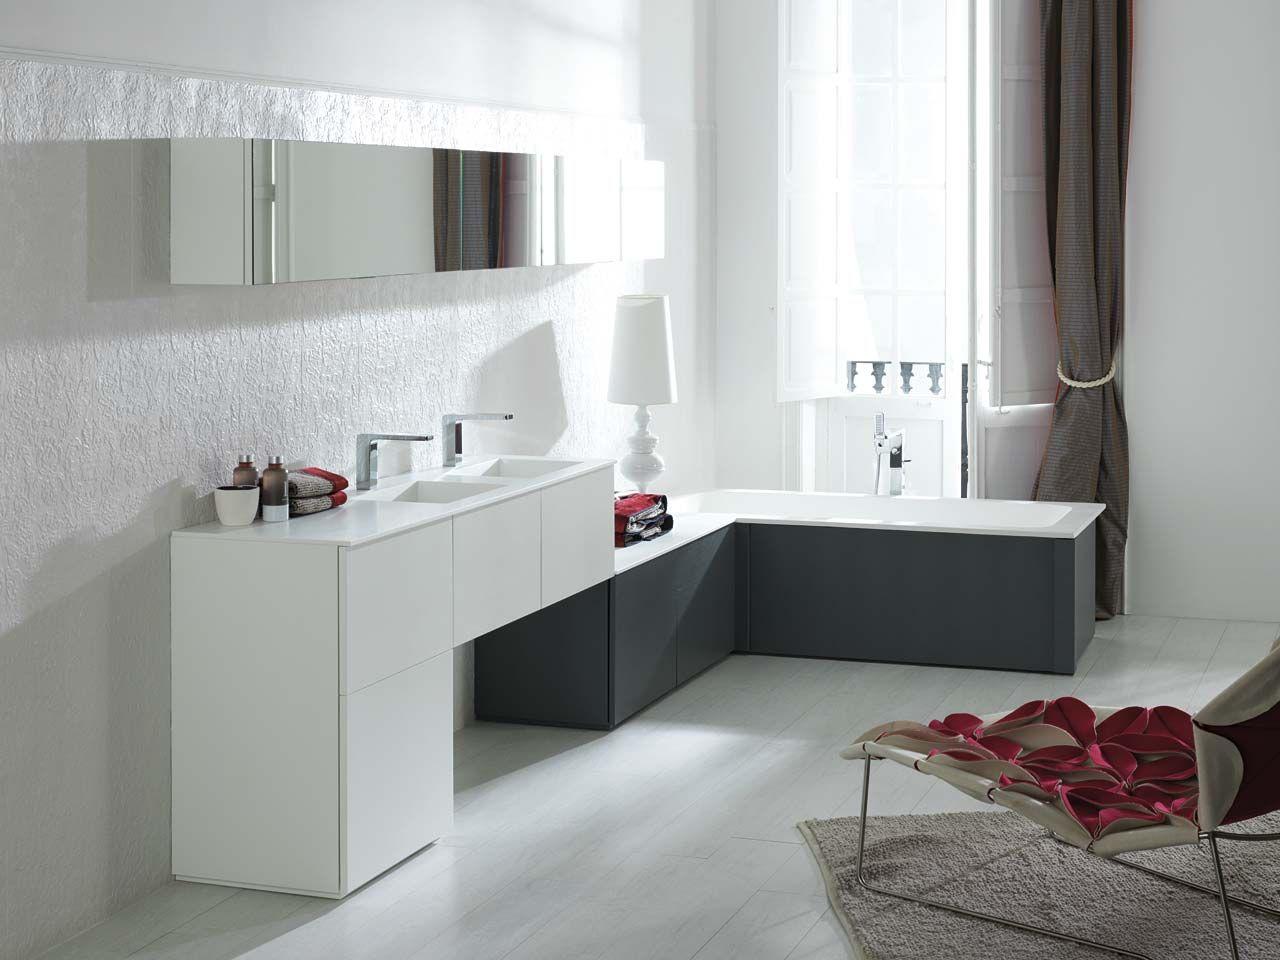 superb Porcelanosa Salle De Bain #8: composición mueble de baño NEXT de Porcelanosa, lacado en blanco brillo con encimera y lavado integrado de Krión. Composición oferta: muebles de 47u2026